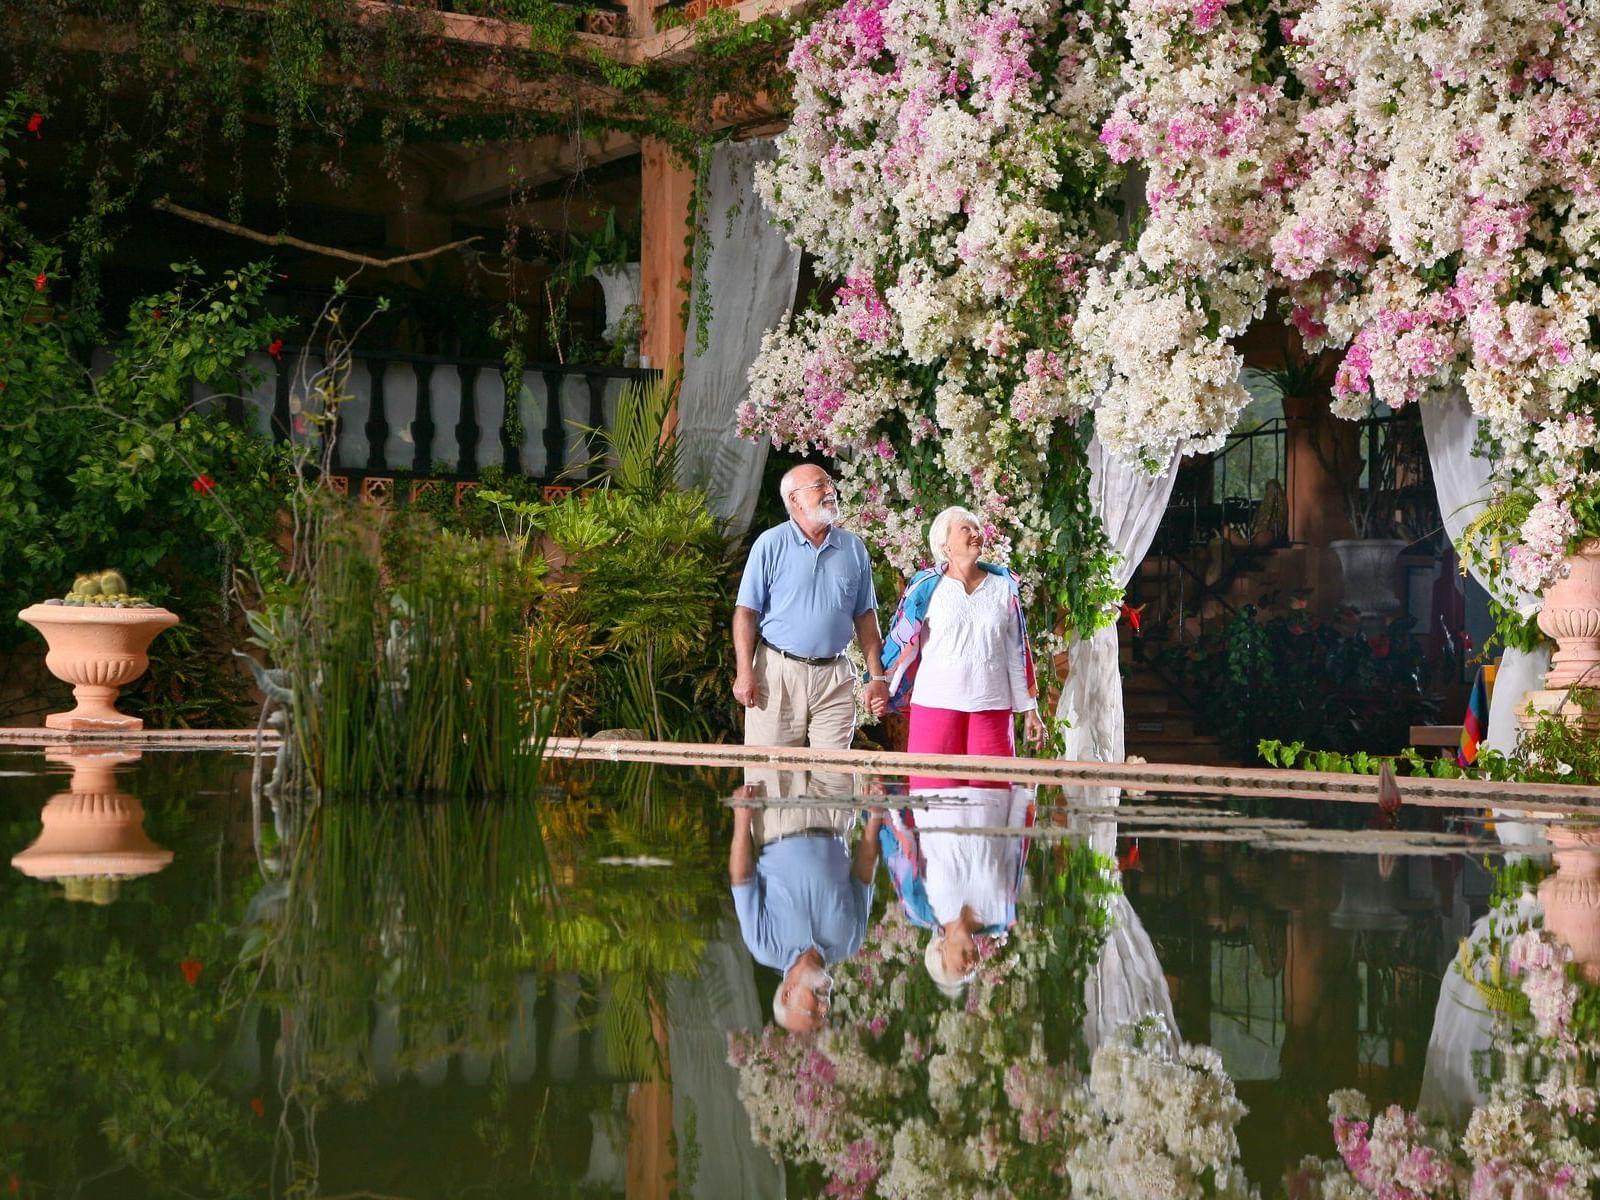 pareja de ancianos mirando flor